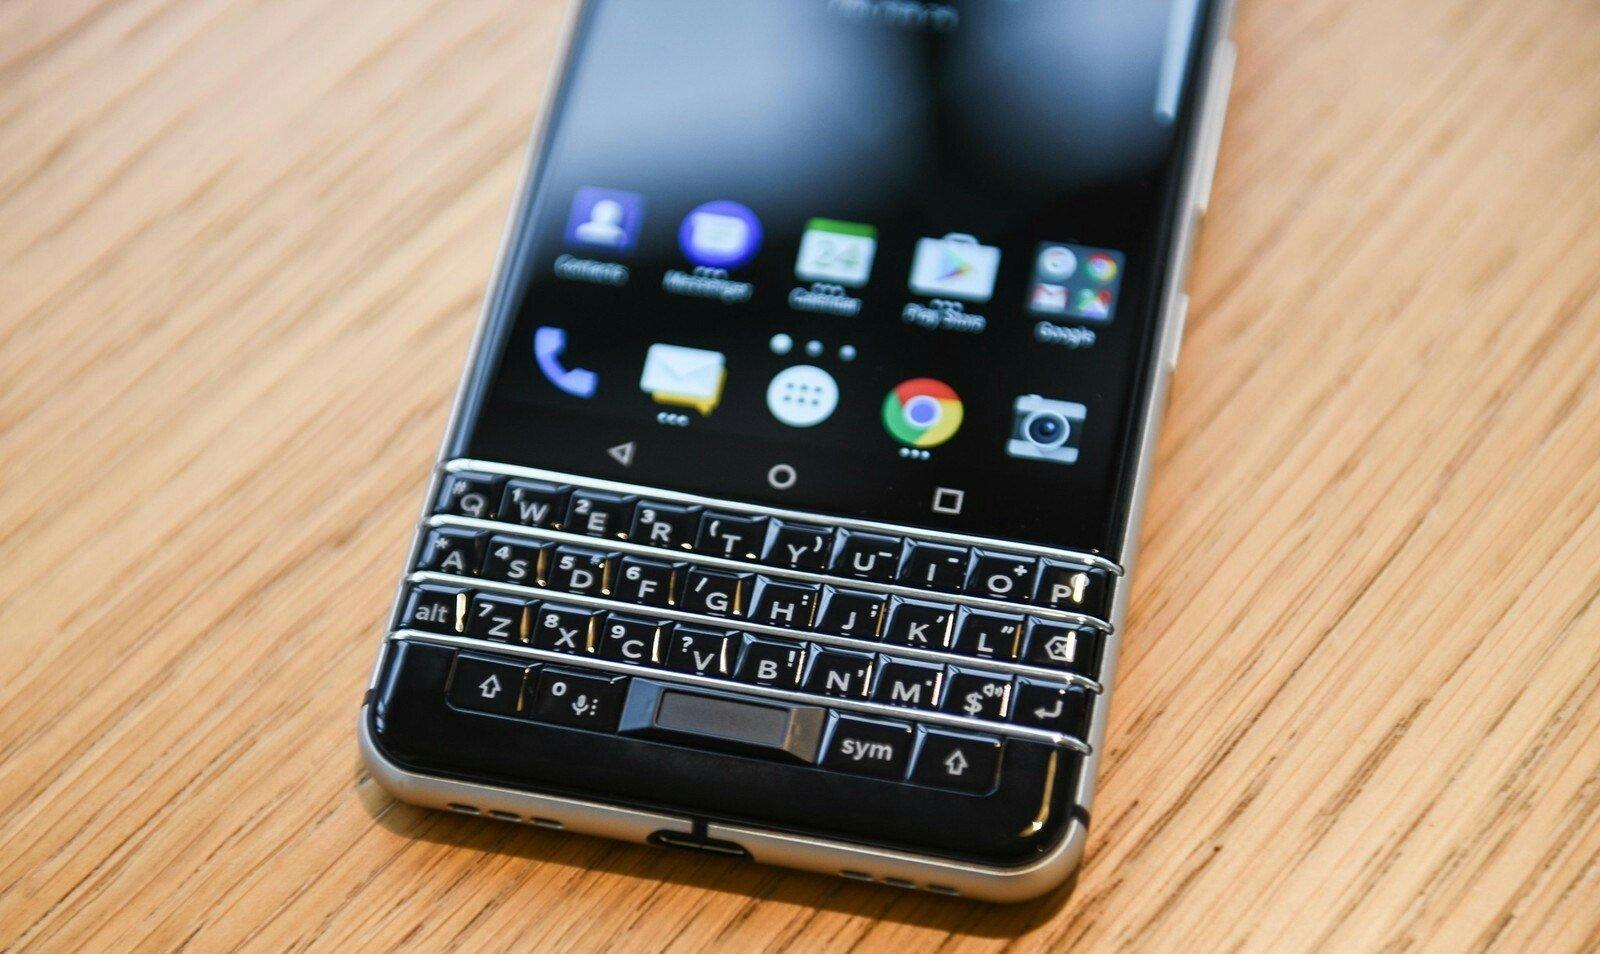 Вролике телефона BlackBerry KEY2 видна новая аппаратная кнопка